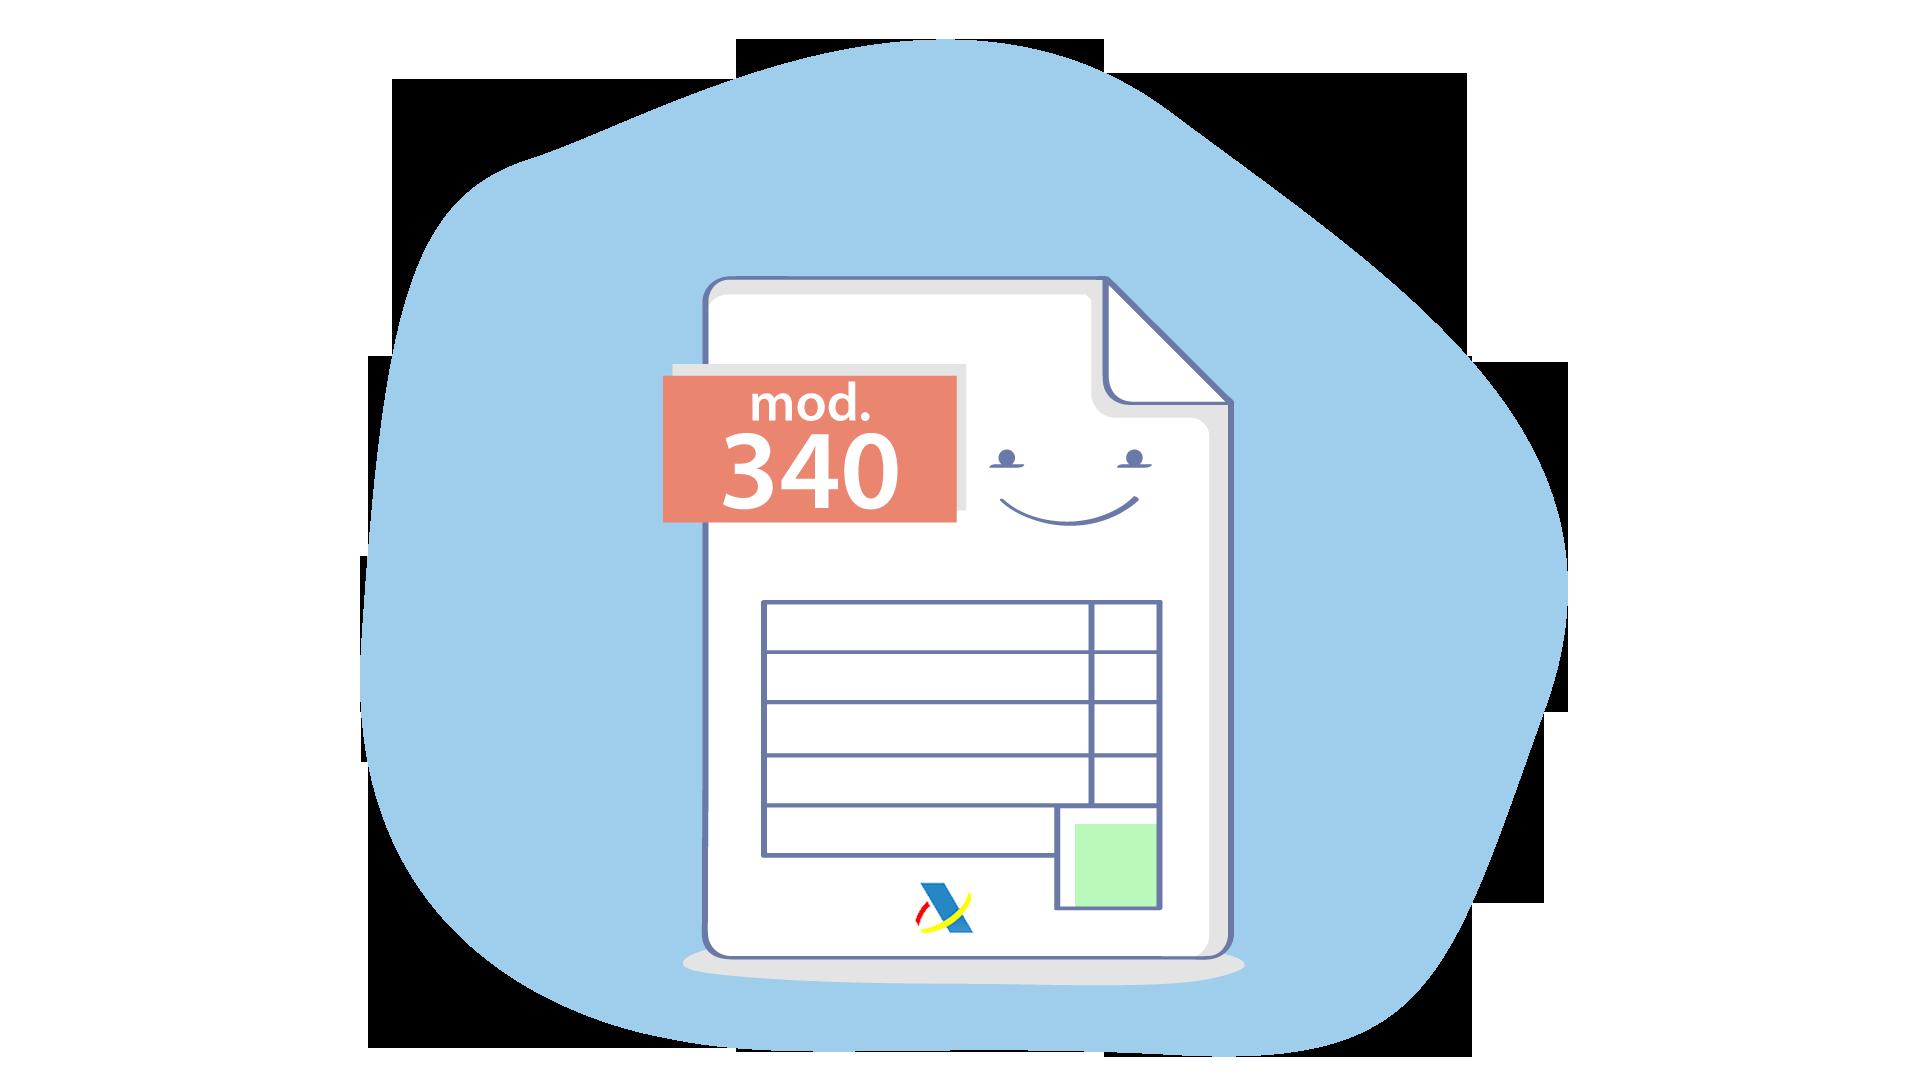 Modelo 340 y los registros de IVA: cómo rellenarlo paso a paso